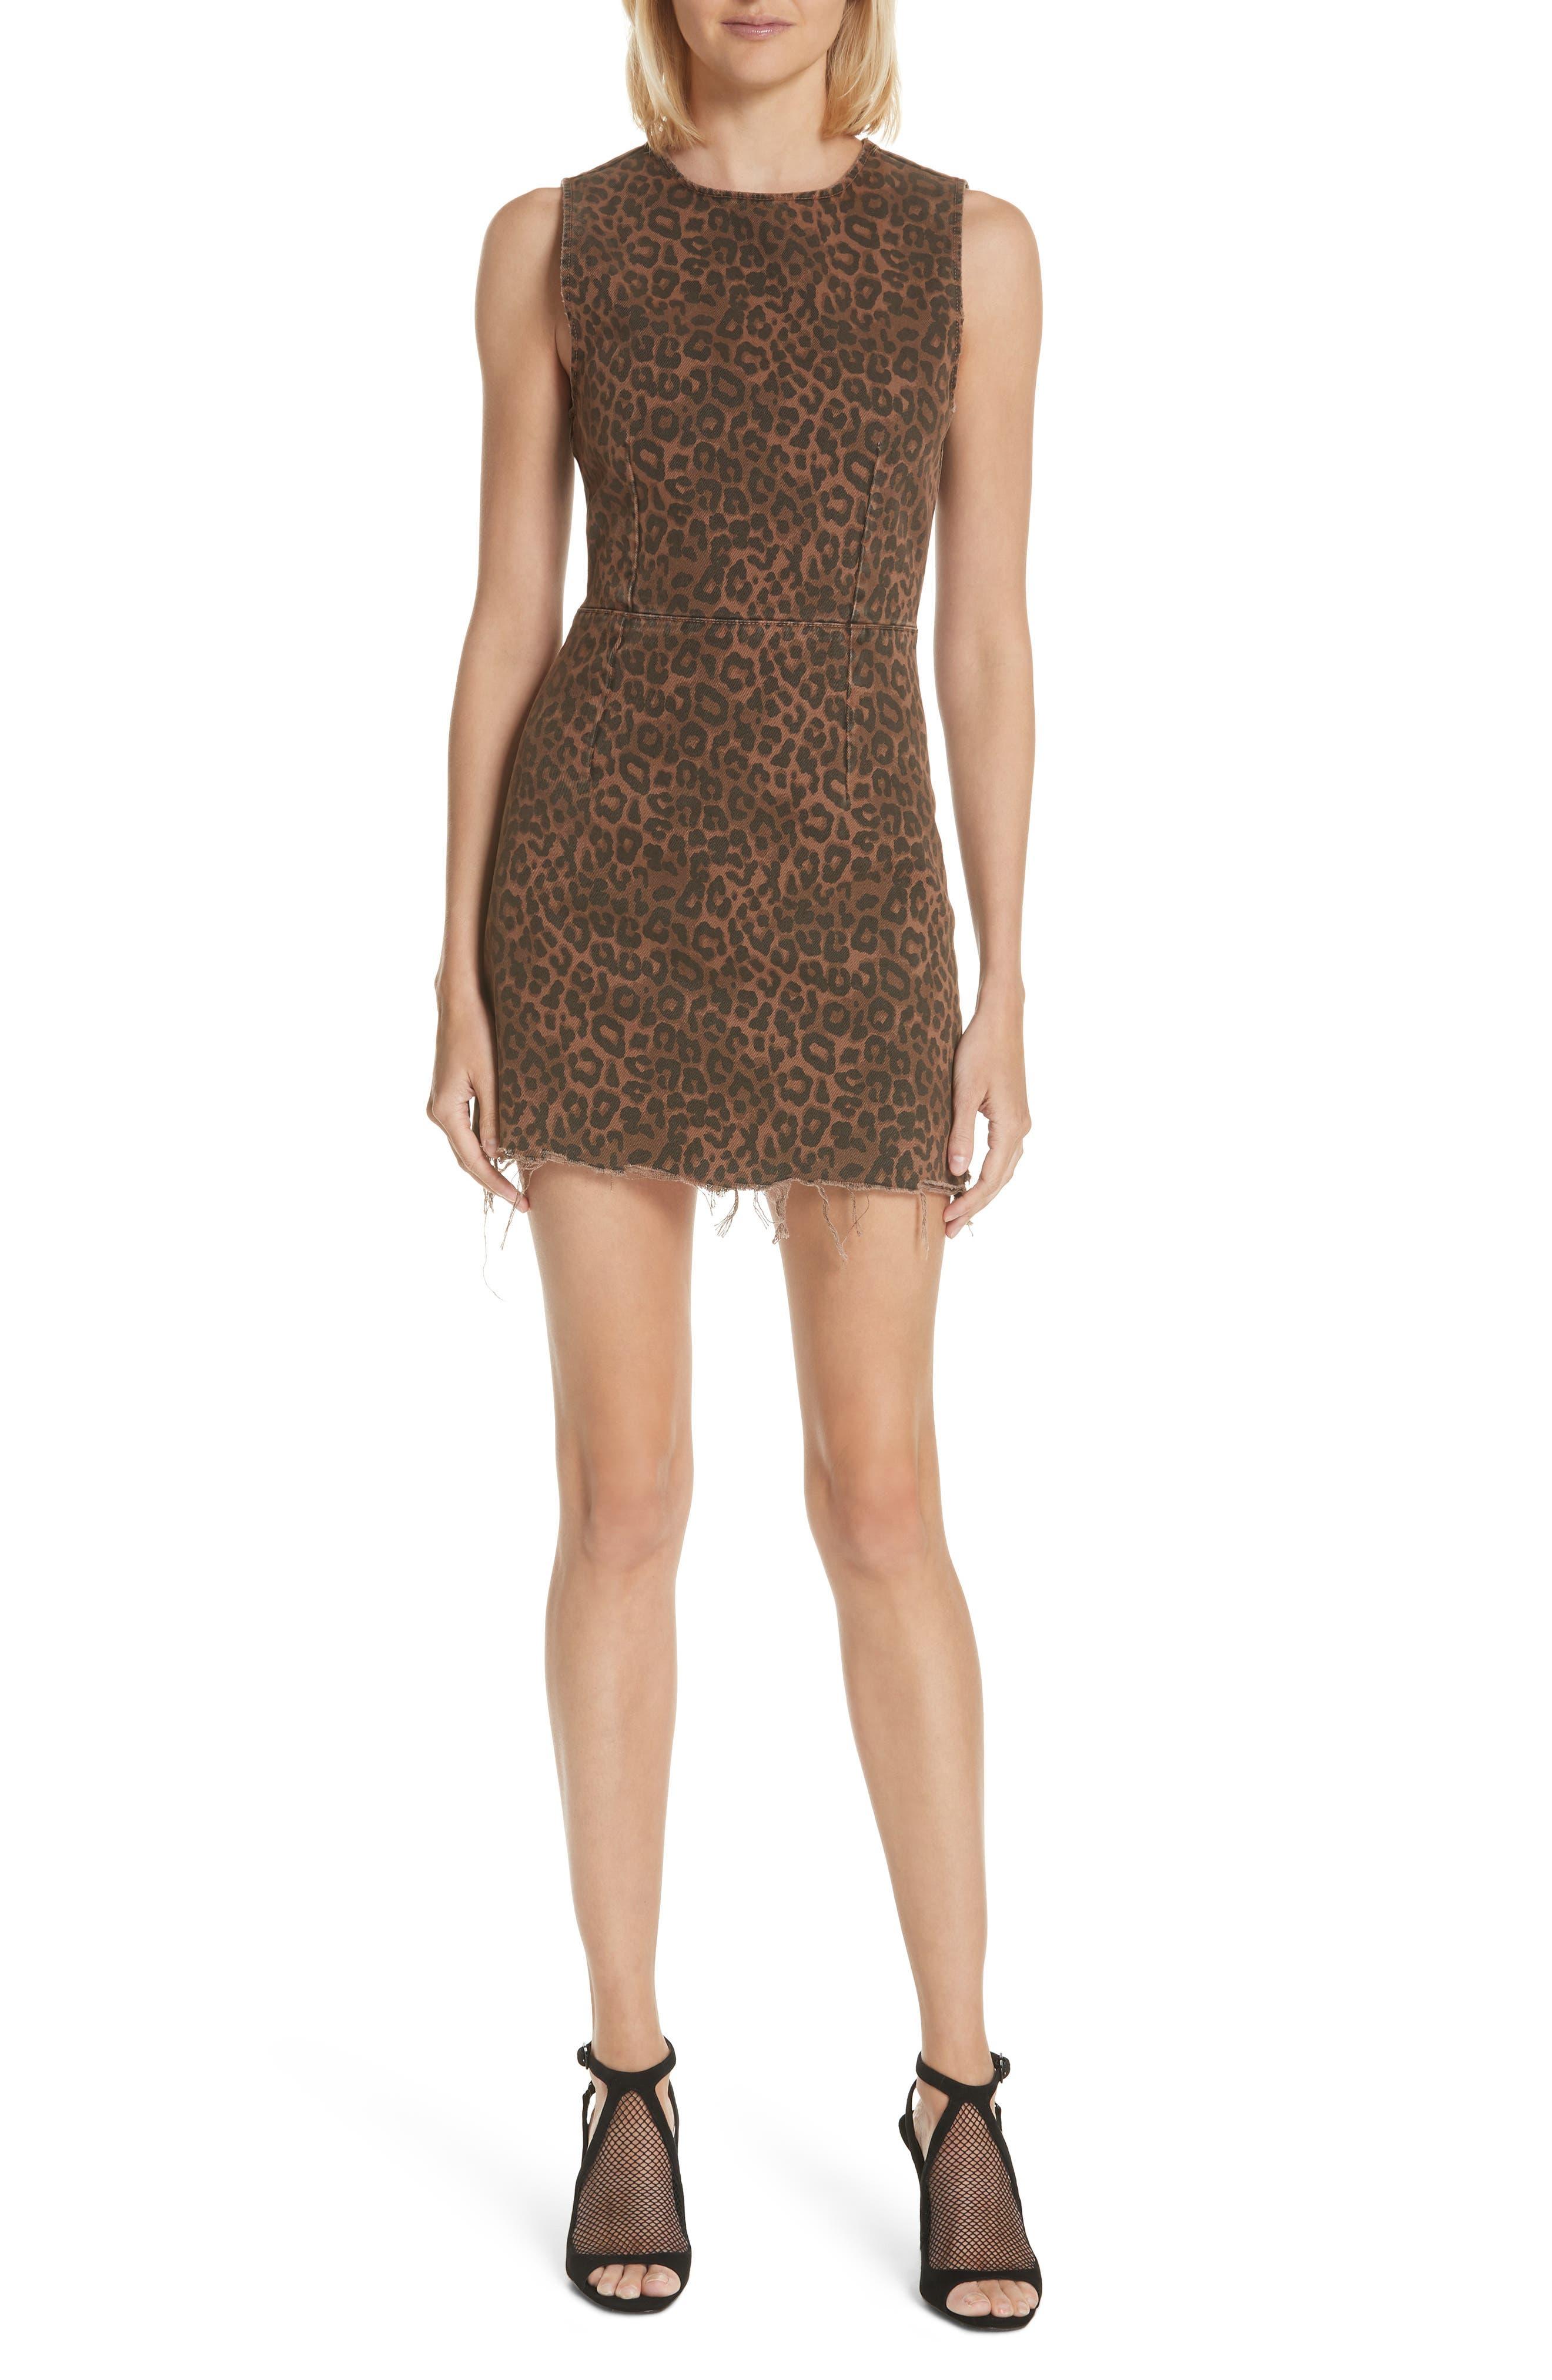 T by Alexander Wang Leopard Print Denim Dress